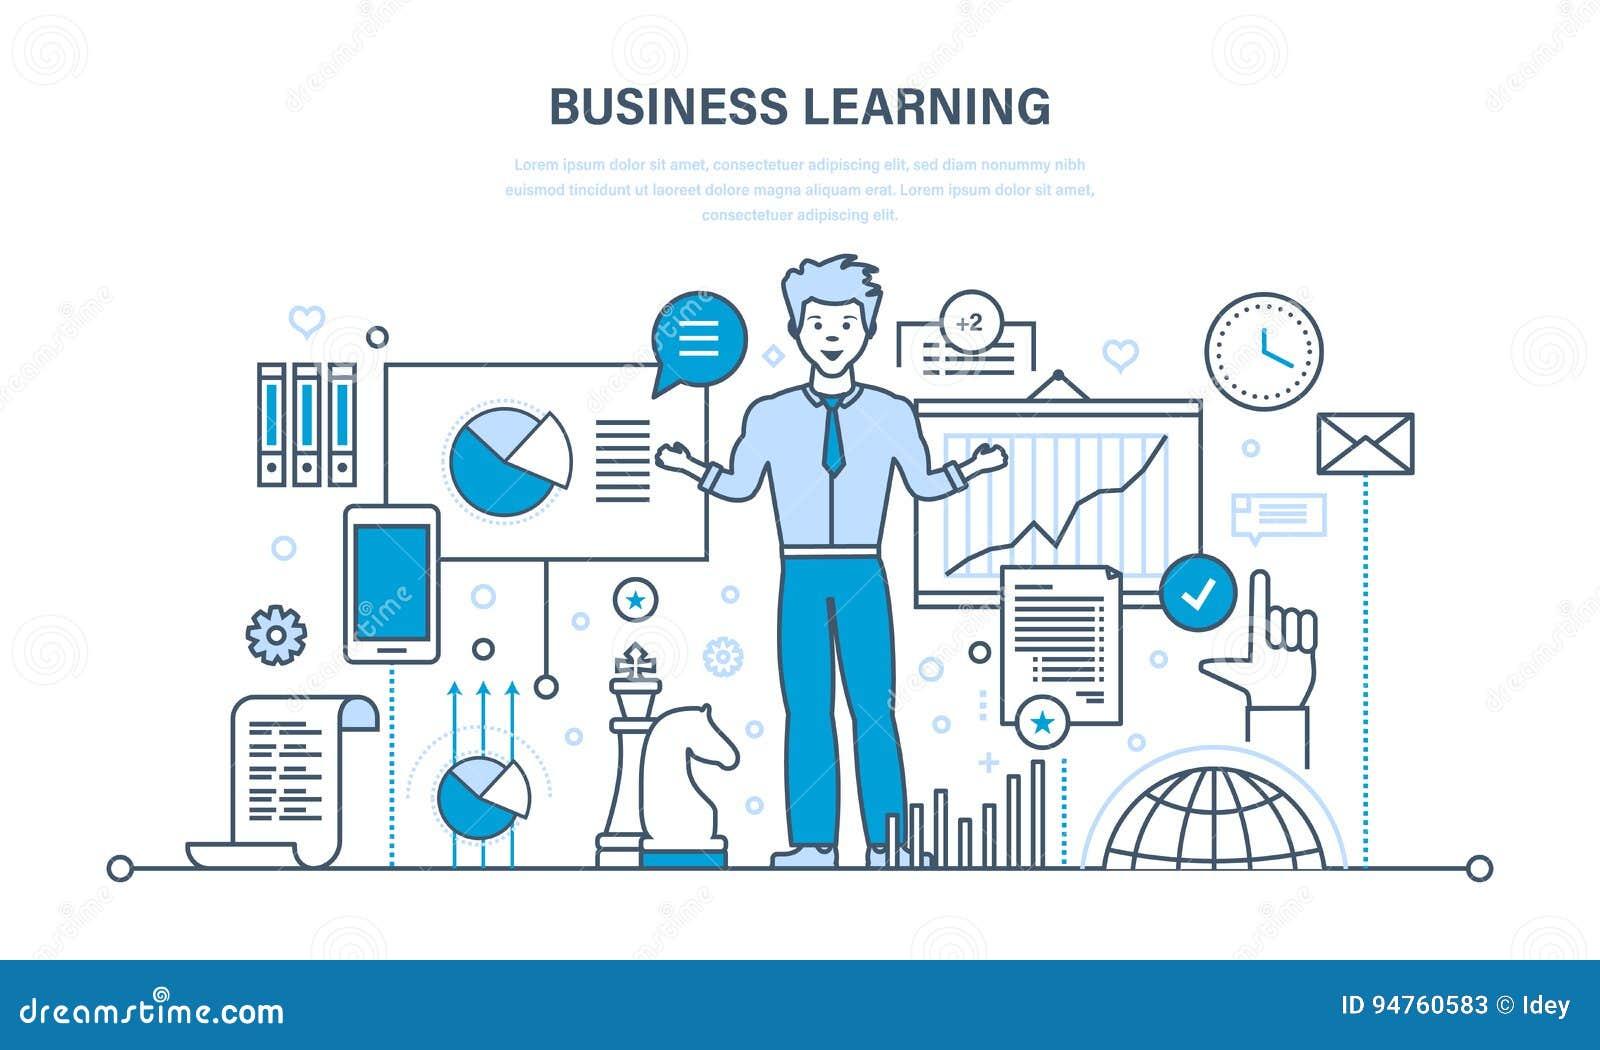 Επιχείρηση που μαθαίνει, σε απευθείας σύνδεση εκπαίδευση, κατάρτιση, από απόσταση εκμάθηση, γνώση, διδασκαλία, εργασία